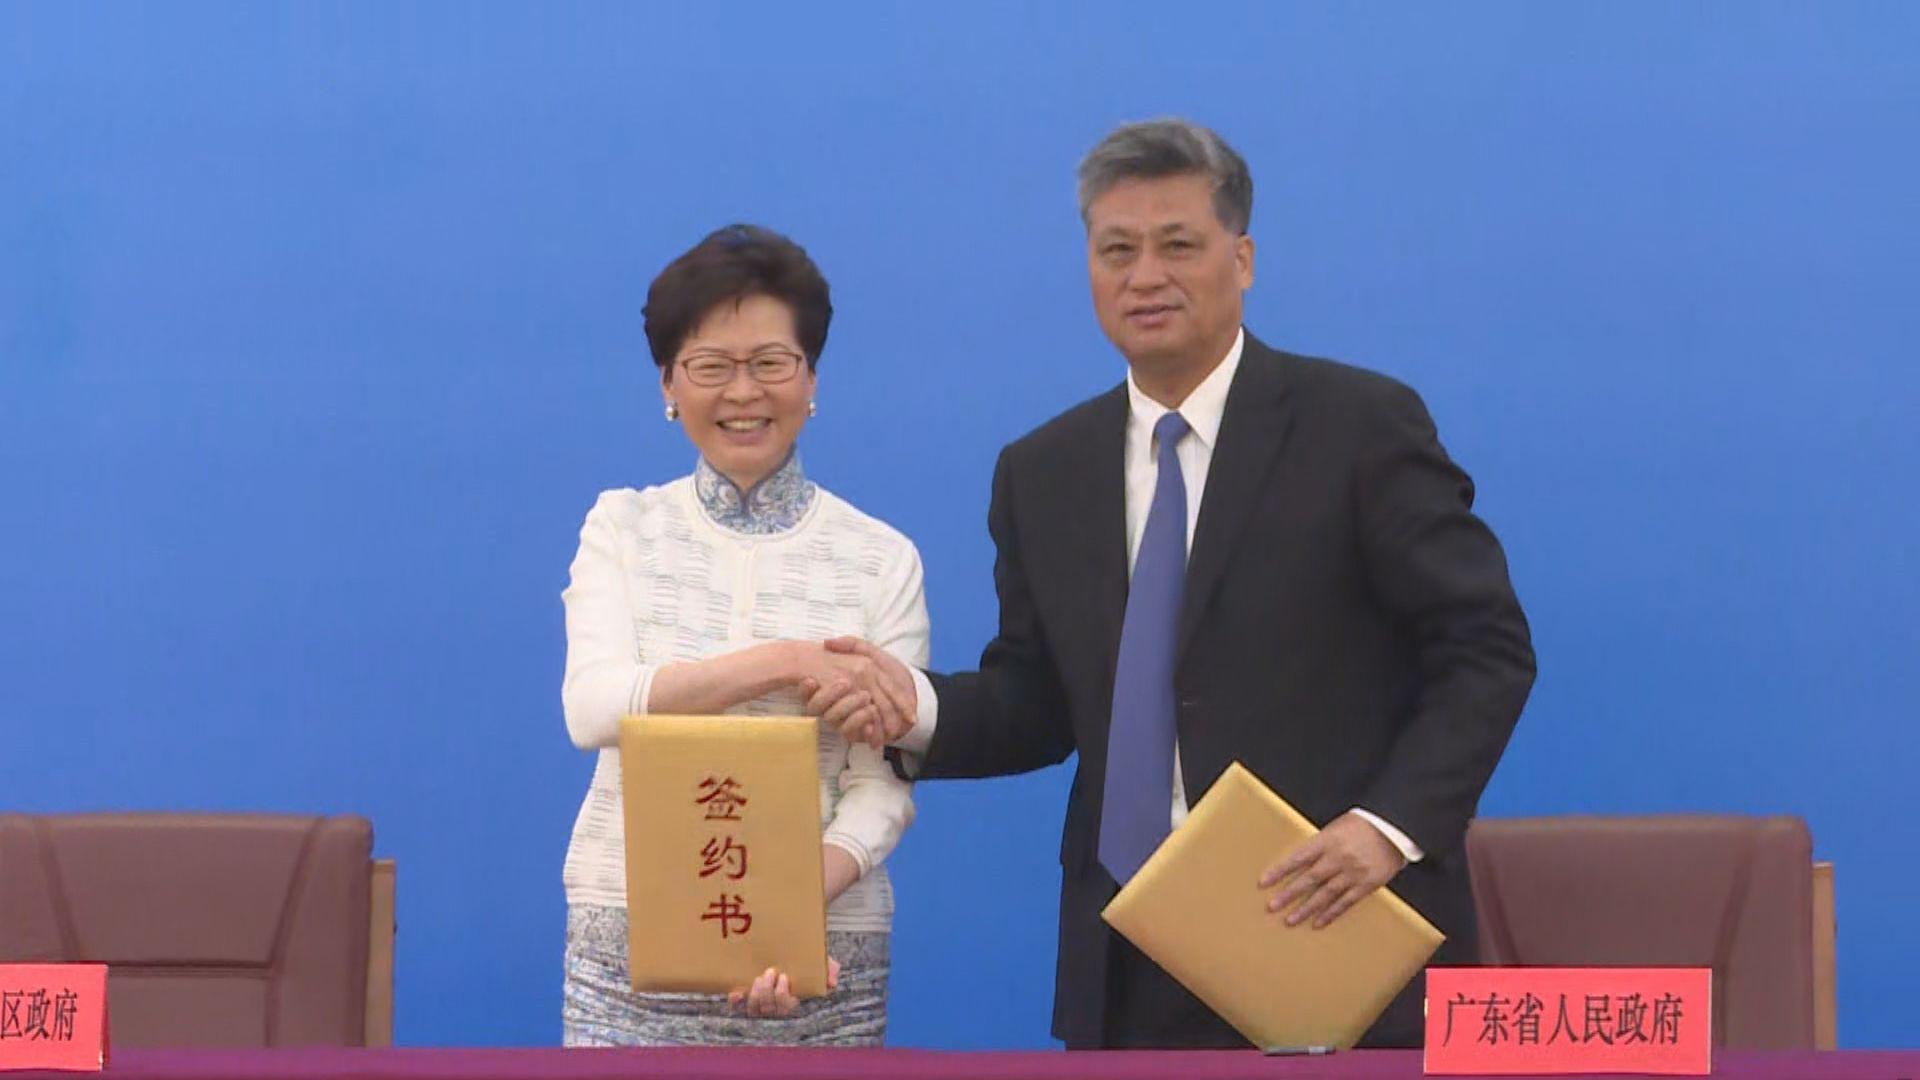 林鄭簽署合作協議推進大灣區發展